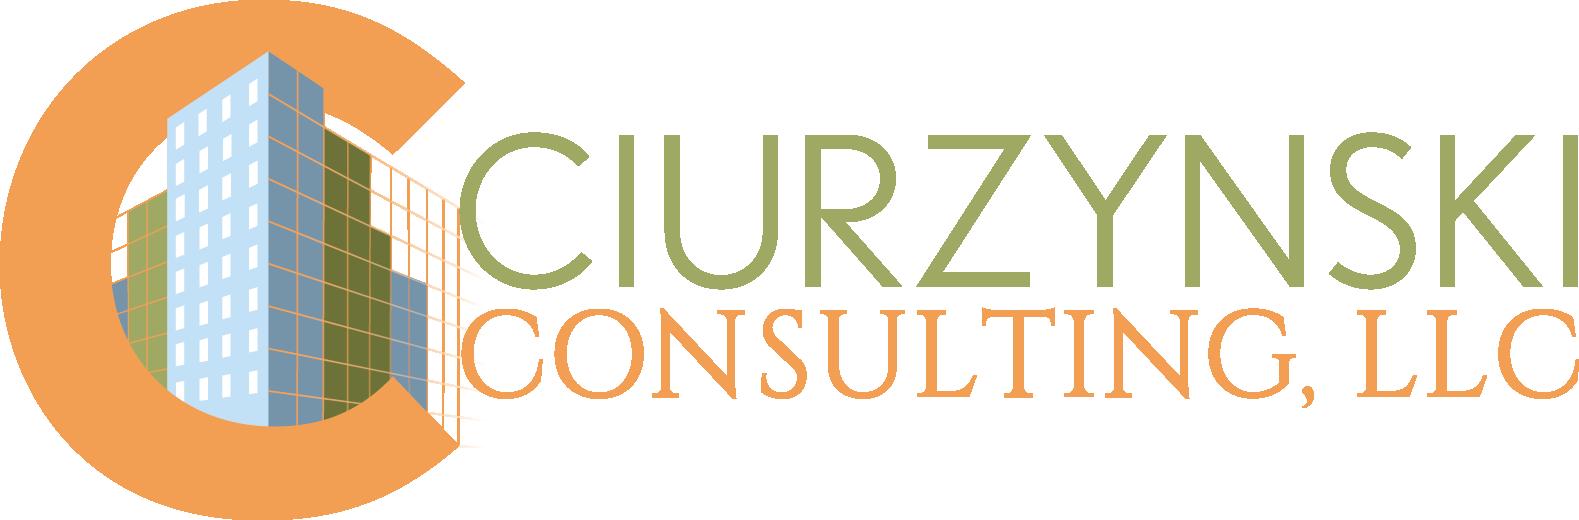 Cuirzynski Consulting